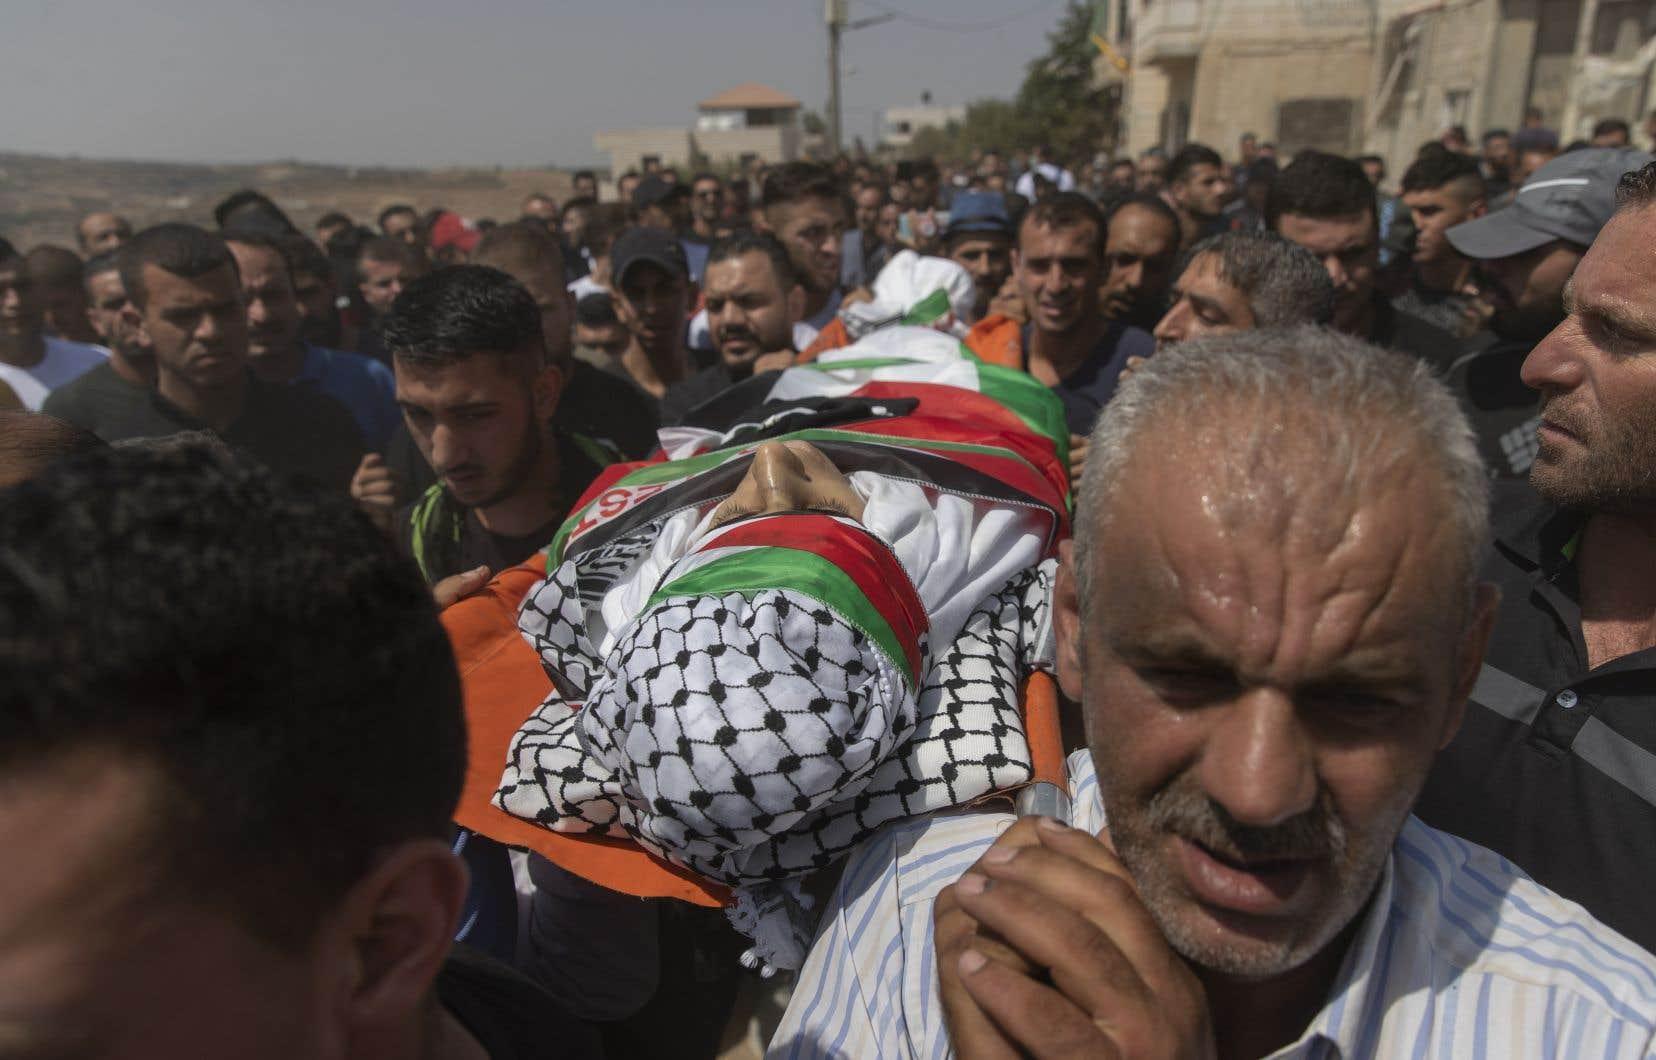 Quelque 270 Palestiniens ont été blessés vendredi en Cisjordanie occupée lors de heurts avec des soldats israéliens durant des manifestations contre la colonisation israélienne et lors des funérailles d'un jeune palestinien tué la veille.